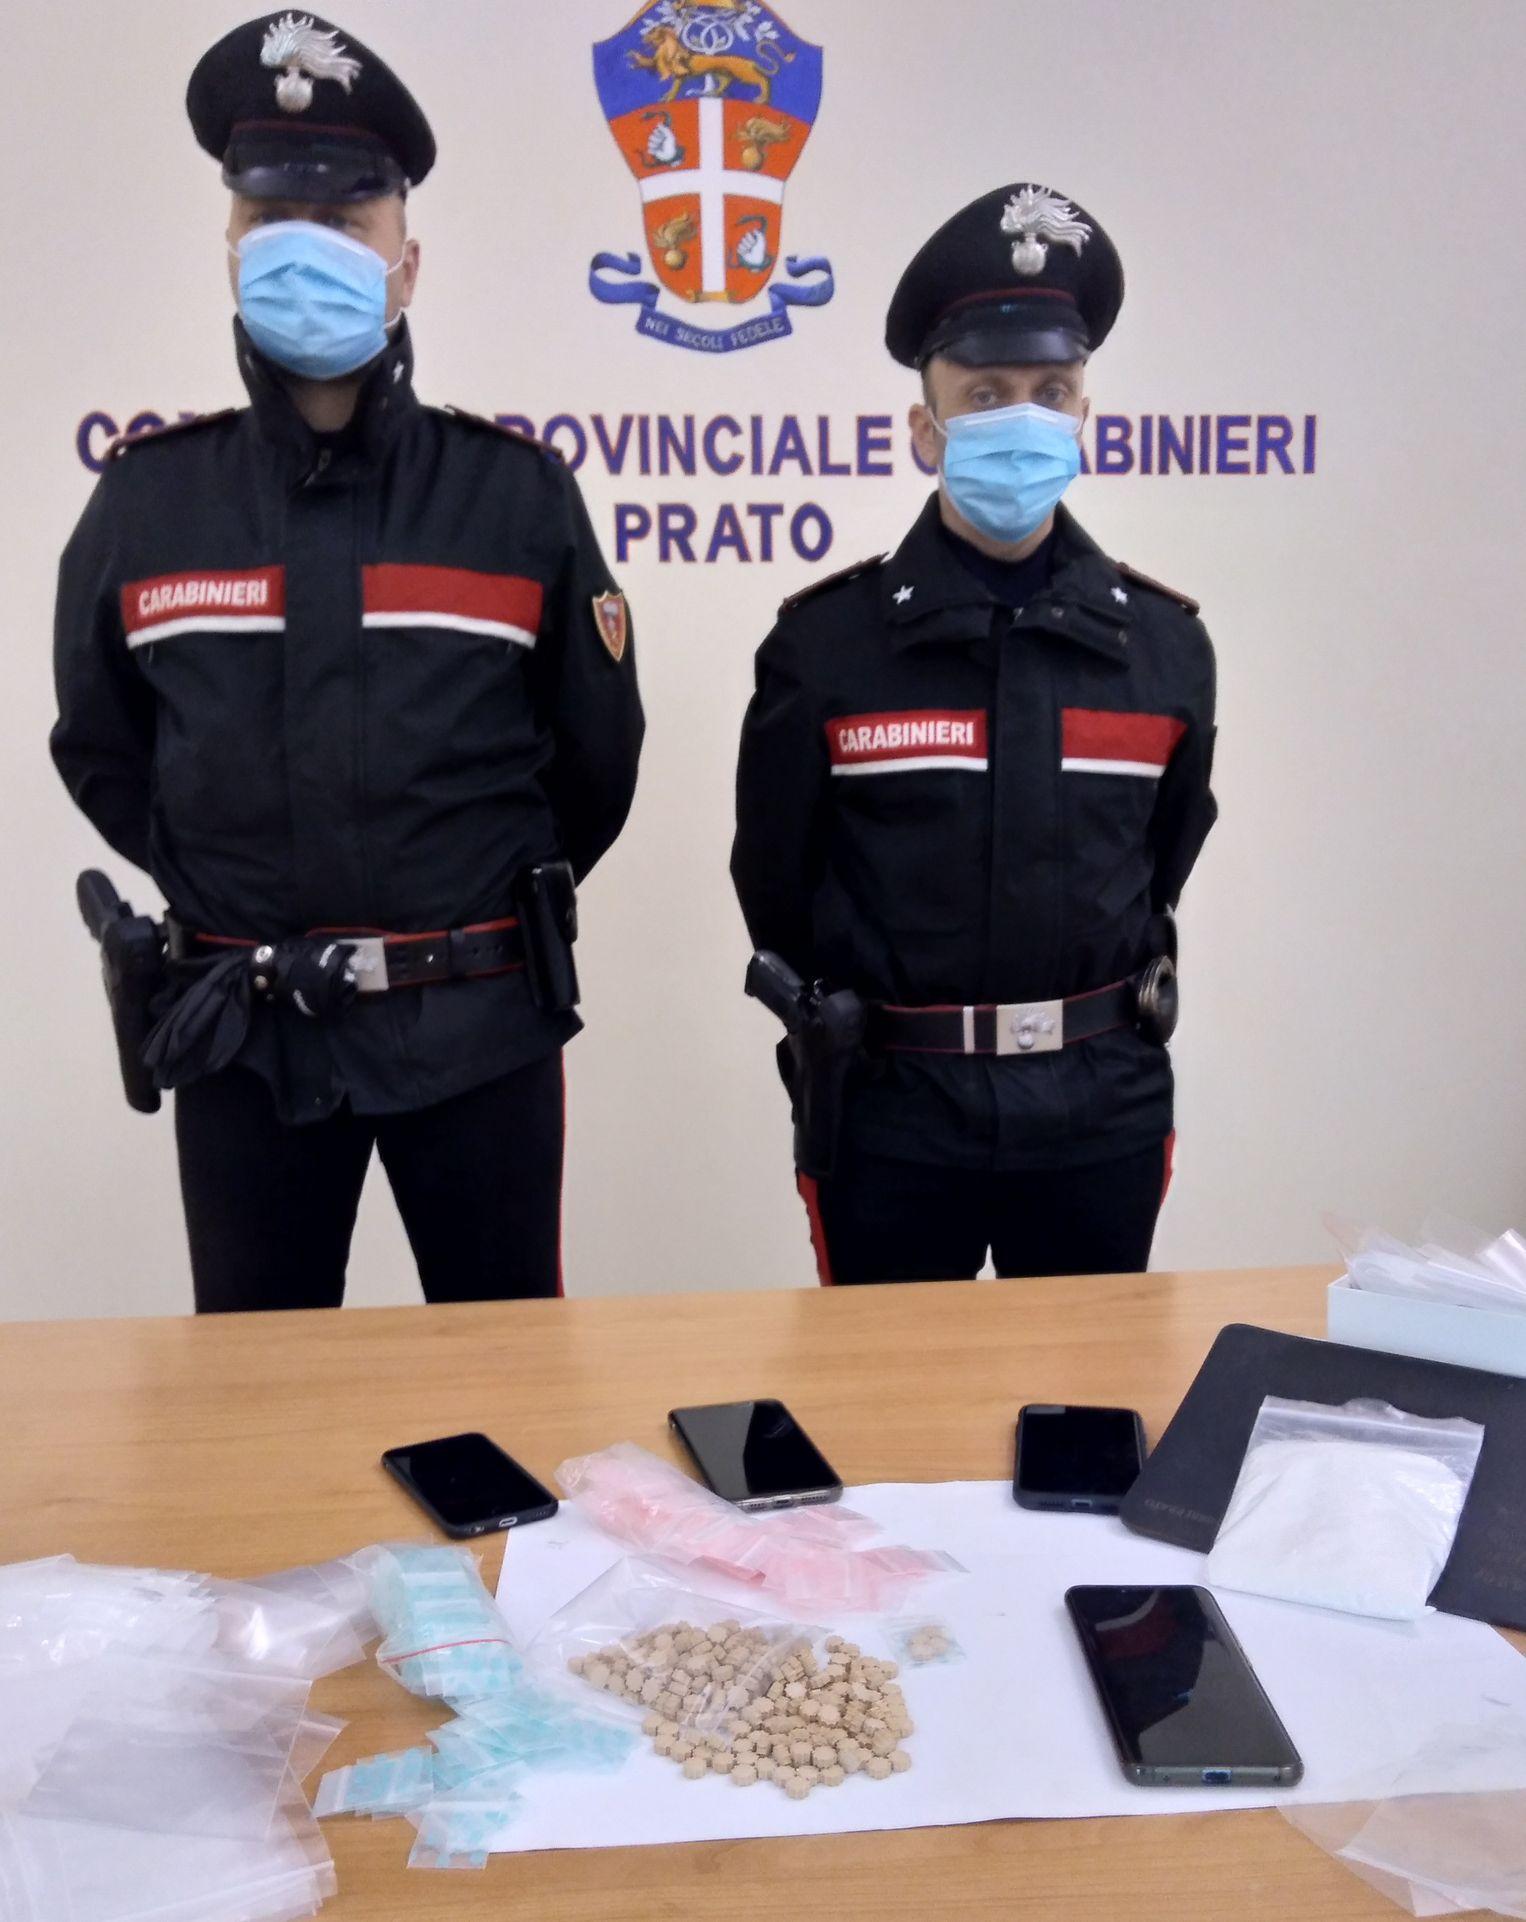 Un arresto ed il sequestro di un ingente quantitativo di droga sintetica